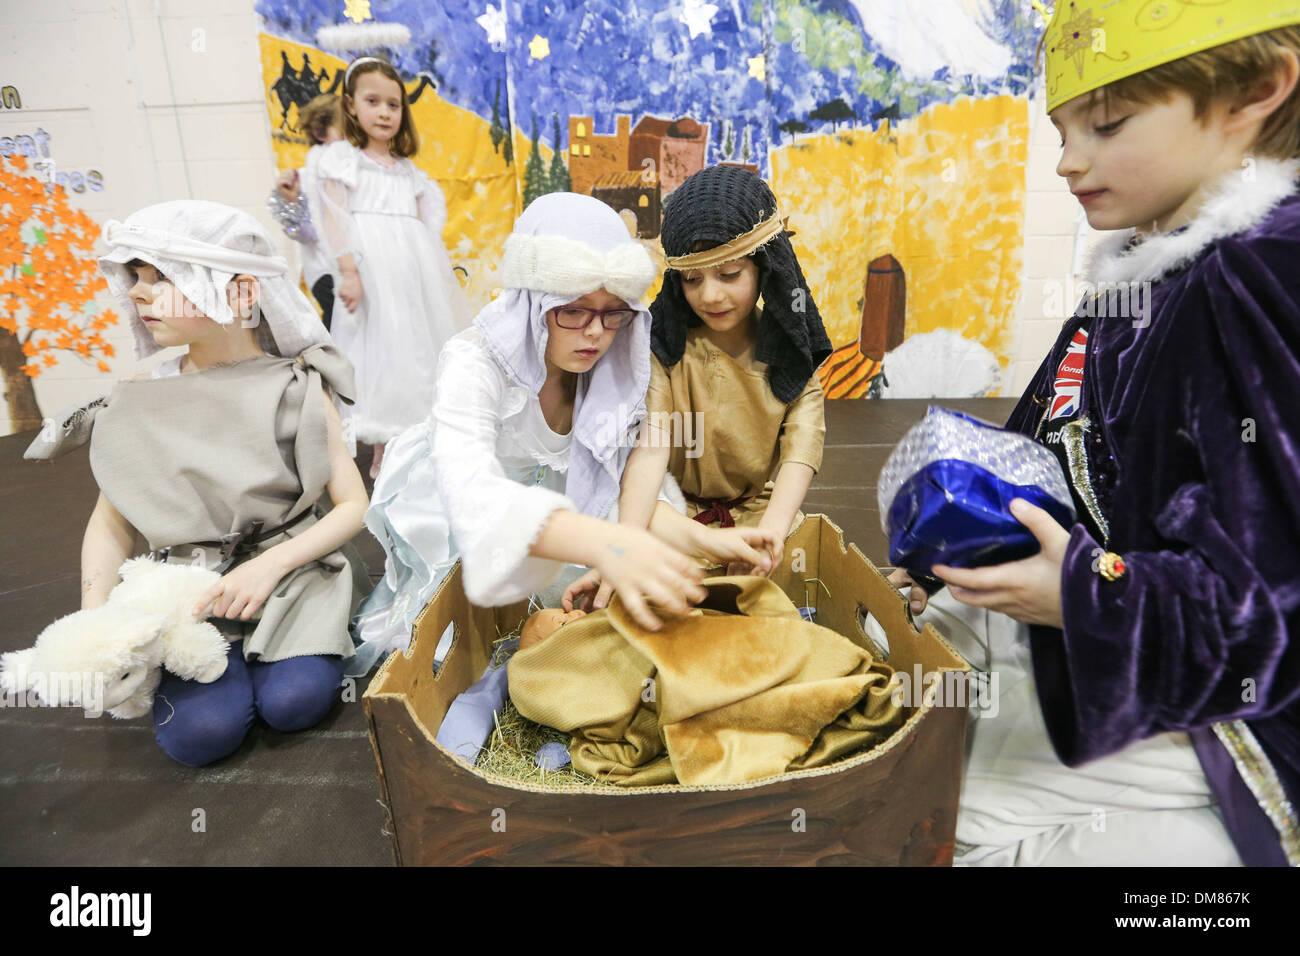 Bambini da poco DOWNHAM SCUOLA PRIMARIA,CAMBRIDGESHIRE, le prove per la natività giocare sul dicembre 11th. Immagini Stock